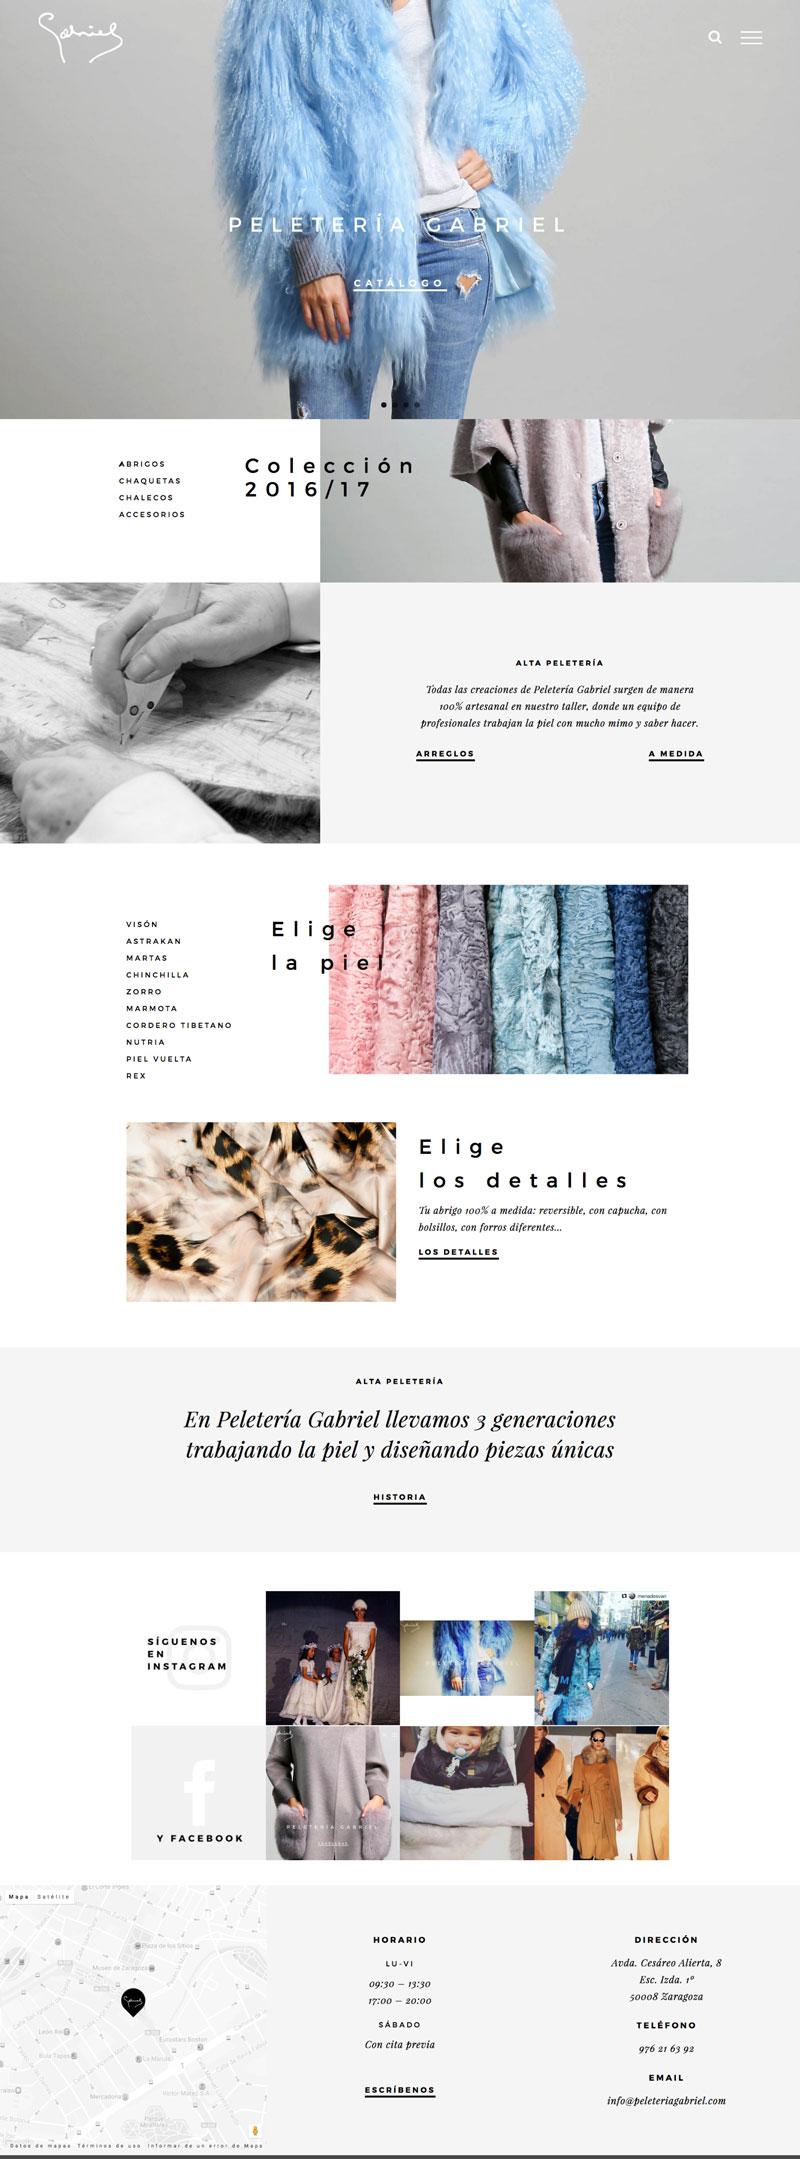 diseño web, diseño gráfico, fotografía, peletería gabriel, unamina